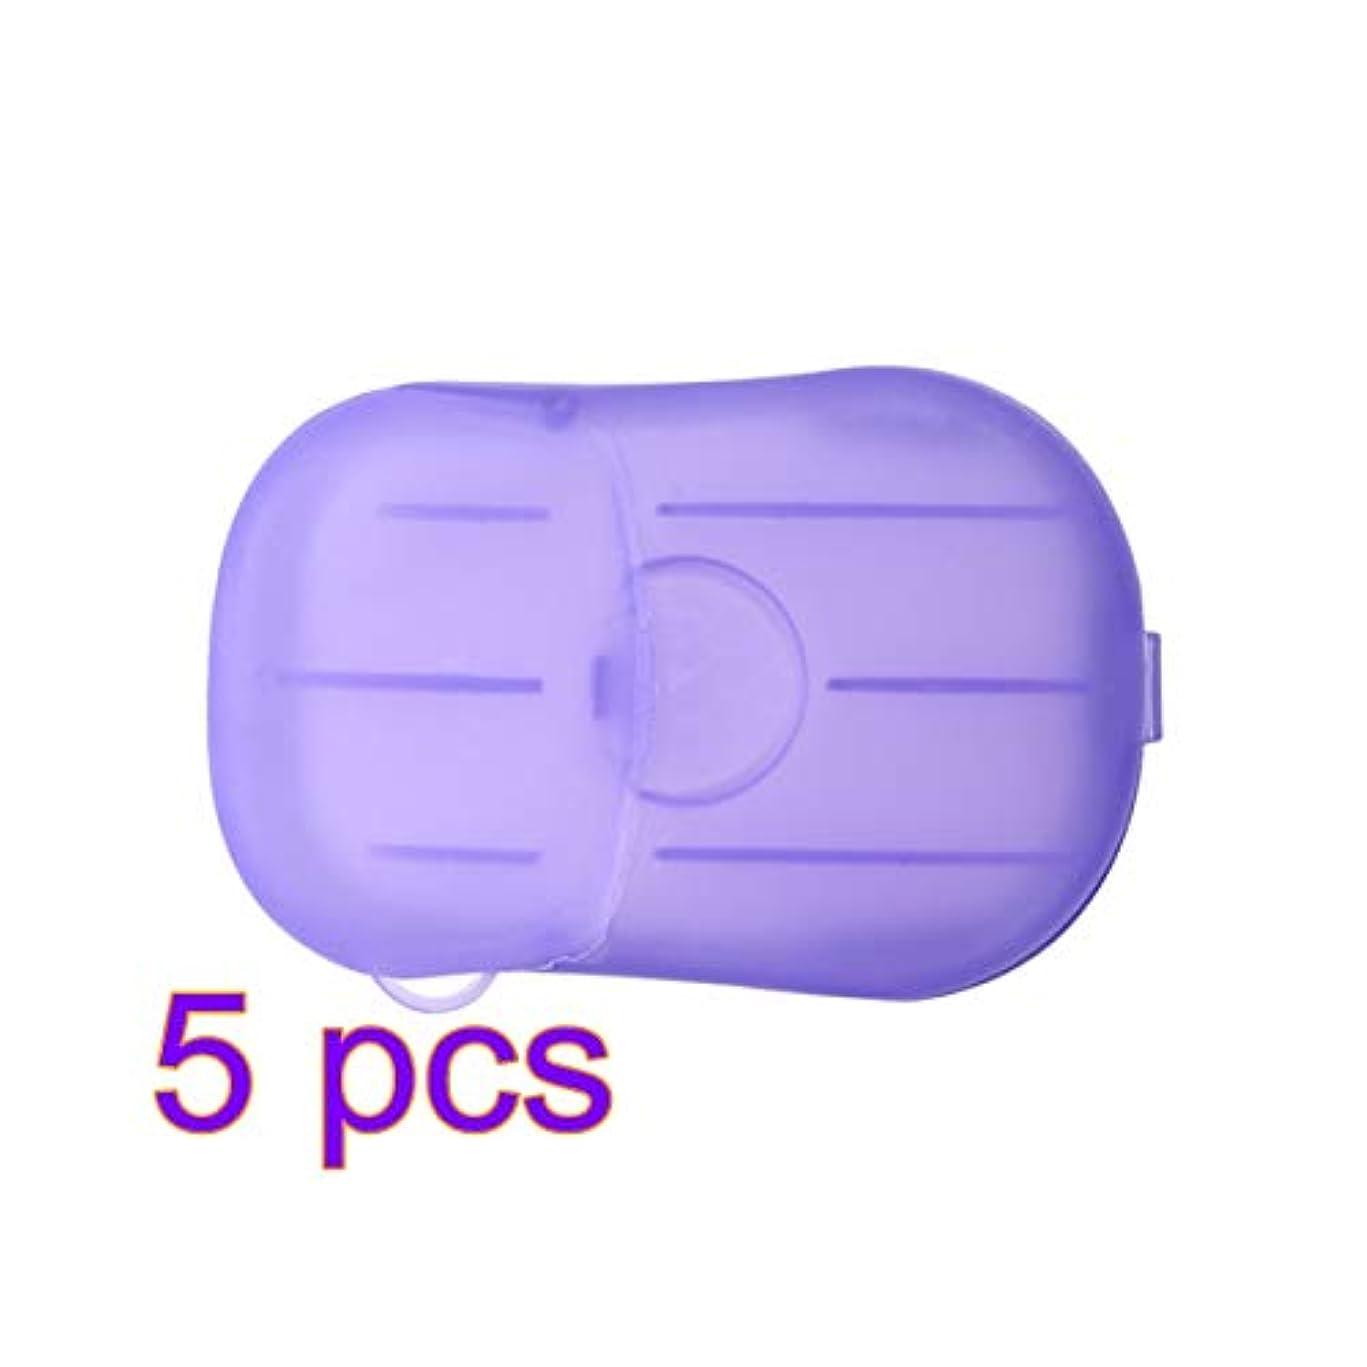 表現聞く発信LIOOBO 5セットポータブルソープペーパー使い捨て手洗いペーパーソープスライスシーツ子供用大人トイレ旅行屋外用(パープル)